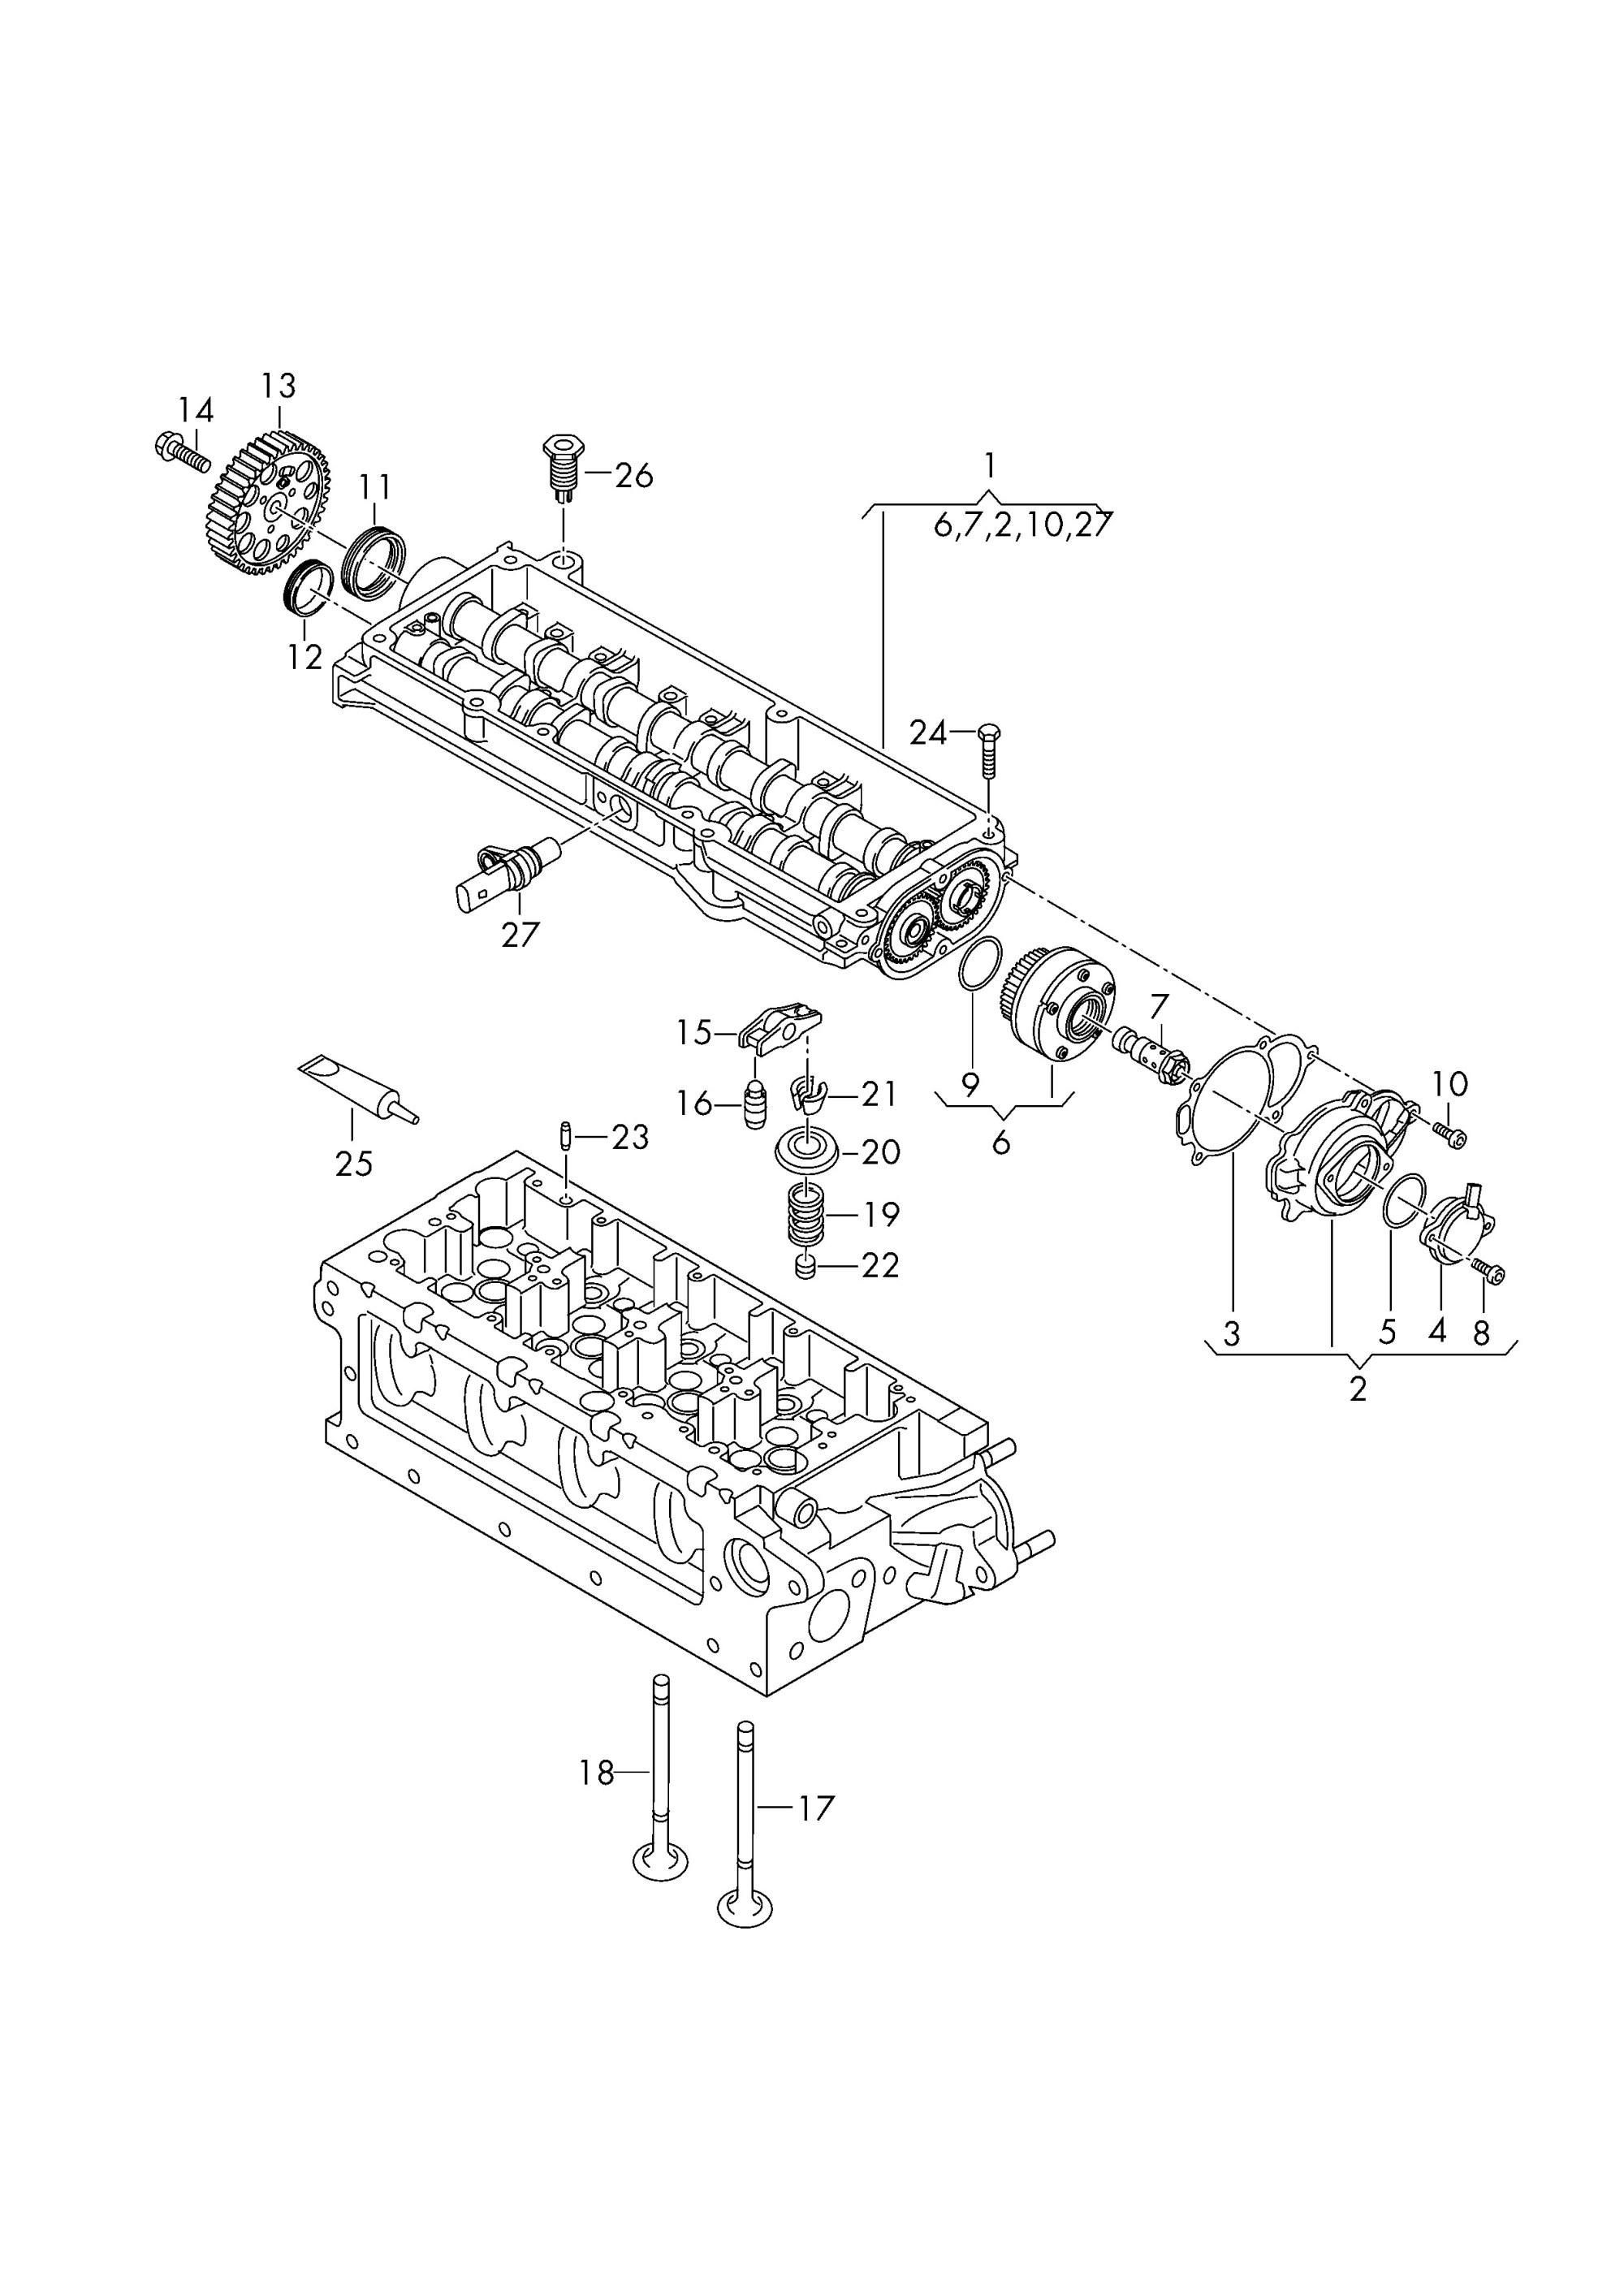 hight resolution of camshaft parts diagram volkswagen passat variant 2015 2017 camshaft adjuster unit of camshaft parts diagram v6